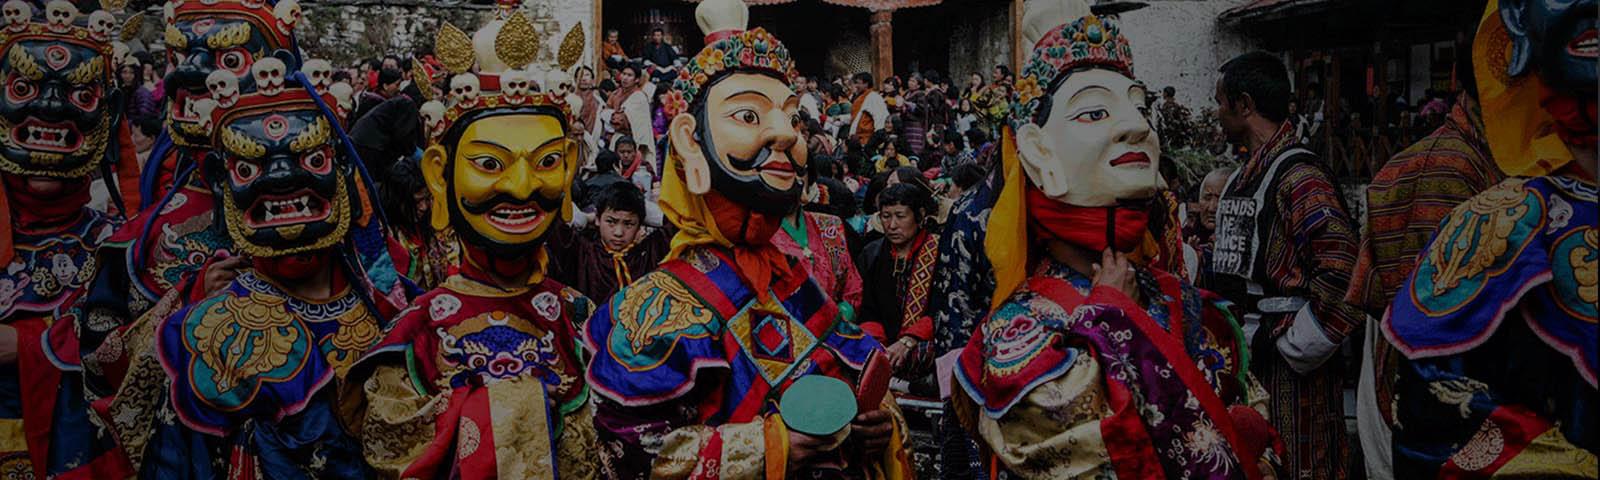 Bumthang Jambay Lhakhang Festival